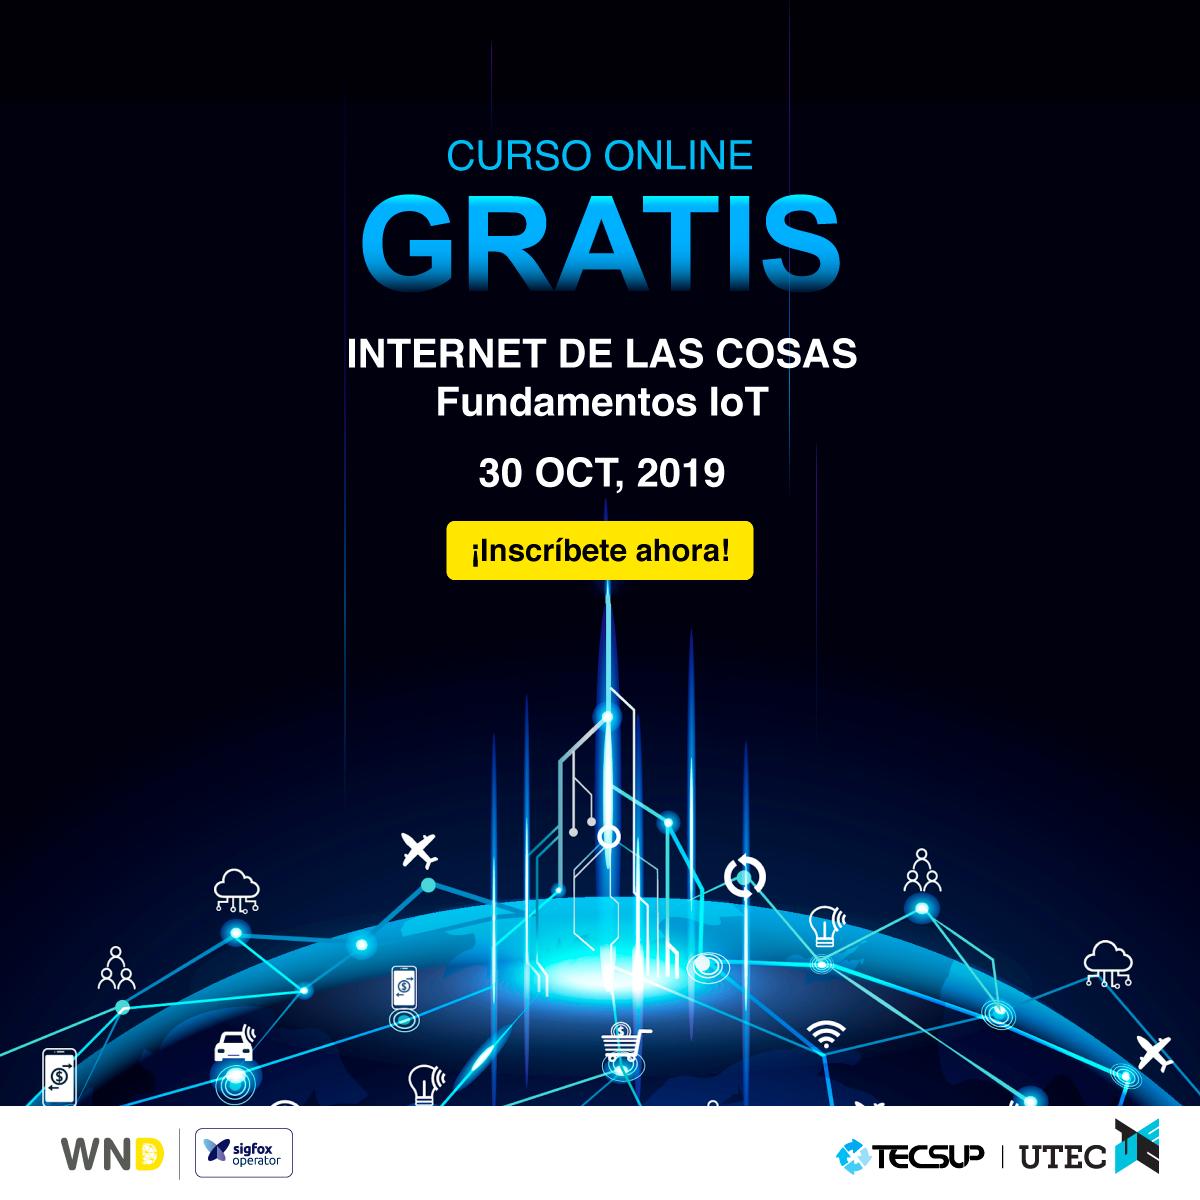 """#WND, operador de @Sigfox, en alianza con #Tecsup y #UTEC lanza el curso virtual gratuito """"Internet de las Cosas: Fundamentos de IoT"""""""